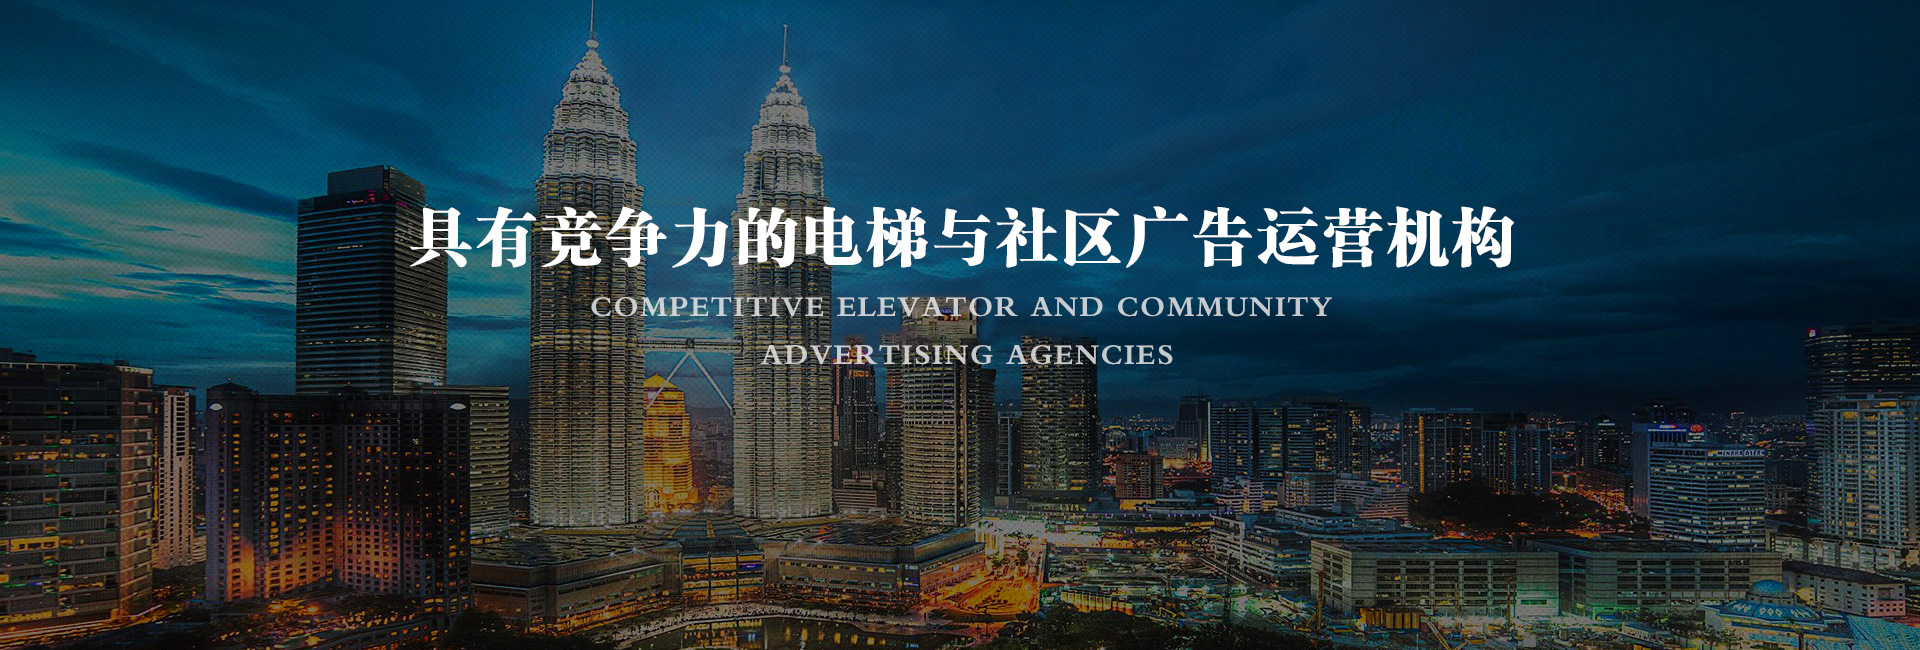 赣州电梯广告